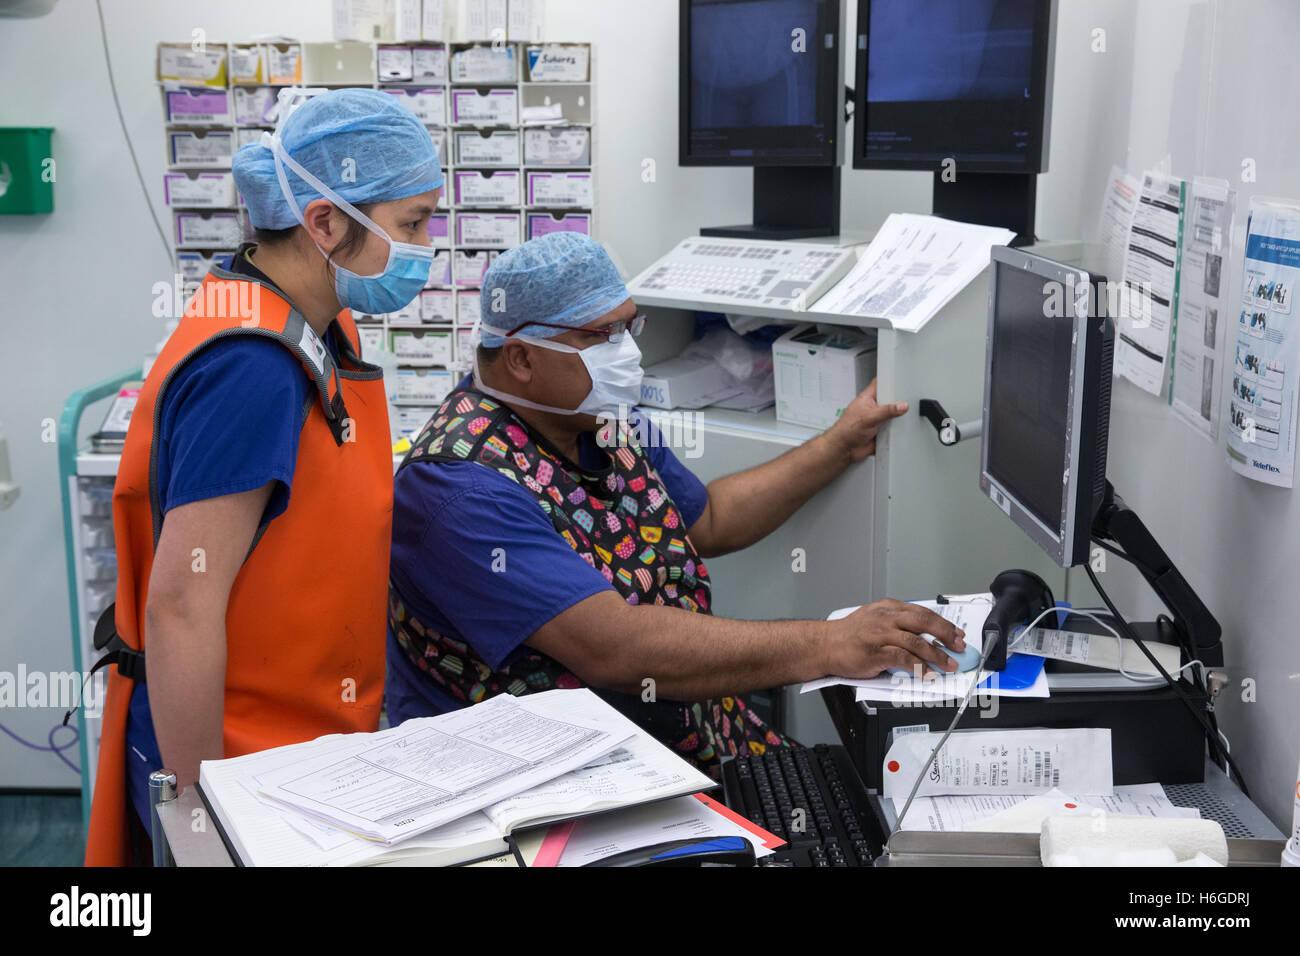 Deux techniciens de théâtre vérifie les données des patients sur l'écran au cours d'une Photo Stock